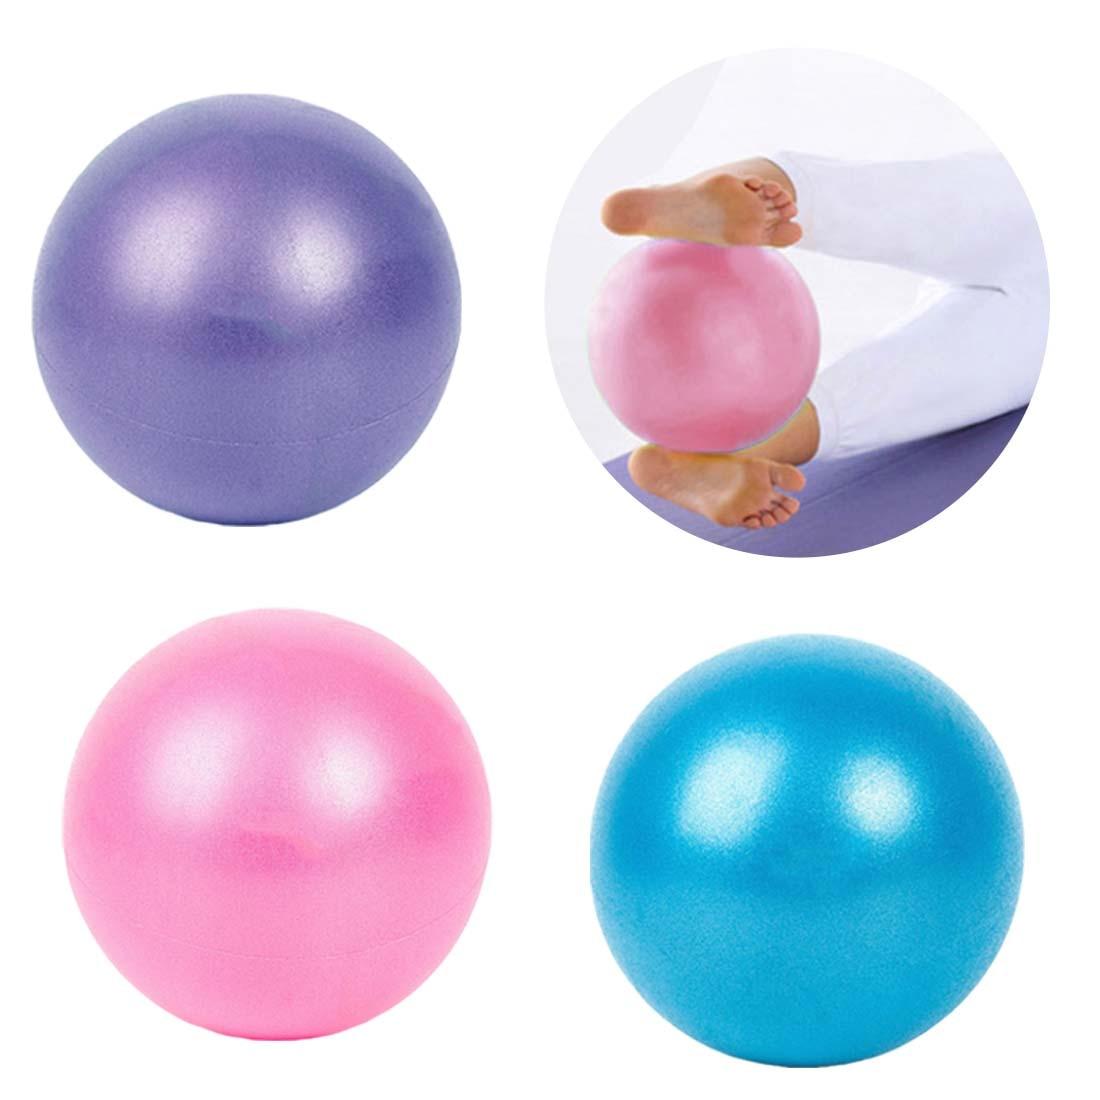 25cm Pelota Yoga Exercise Gymnastic Fitness Pilates Ball Balance Exercise Gym Fitness Yoga Core Ball Indoor Gym Yoga Ball swiss ball